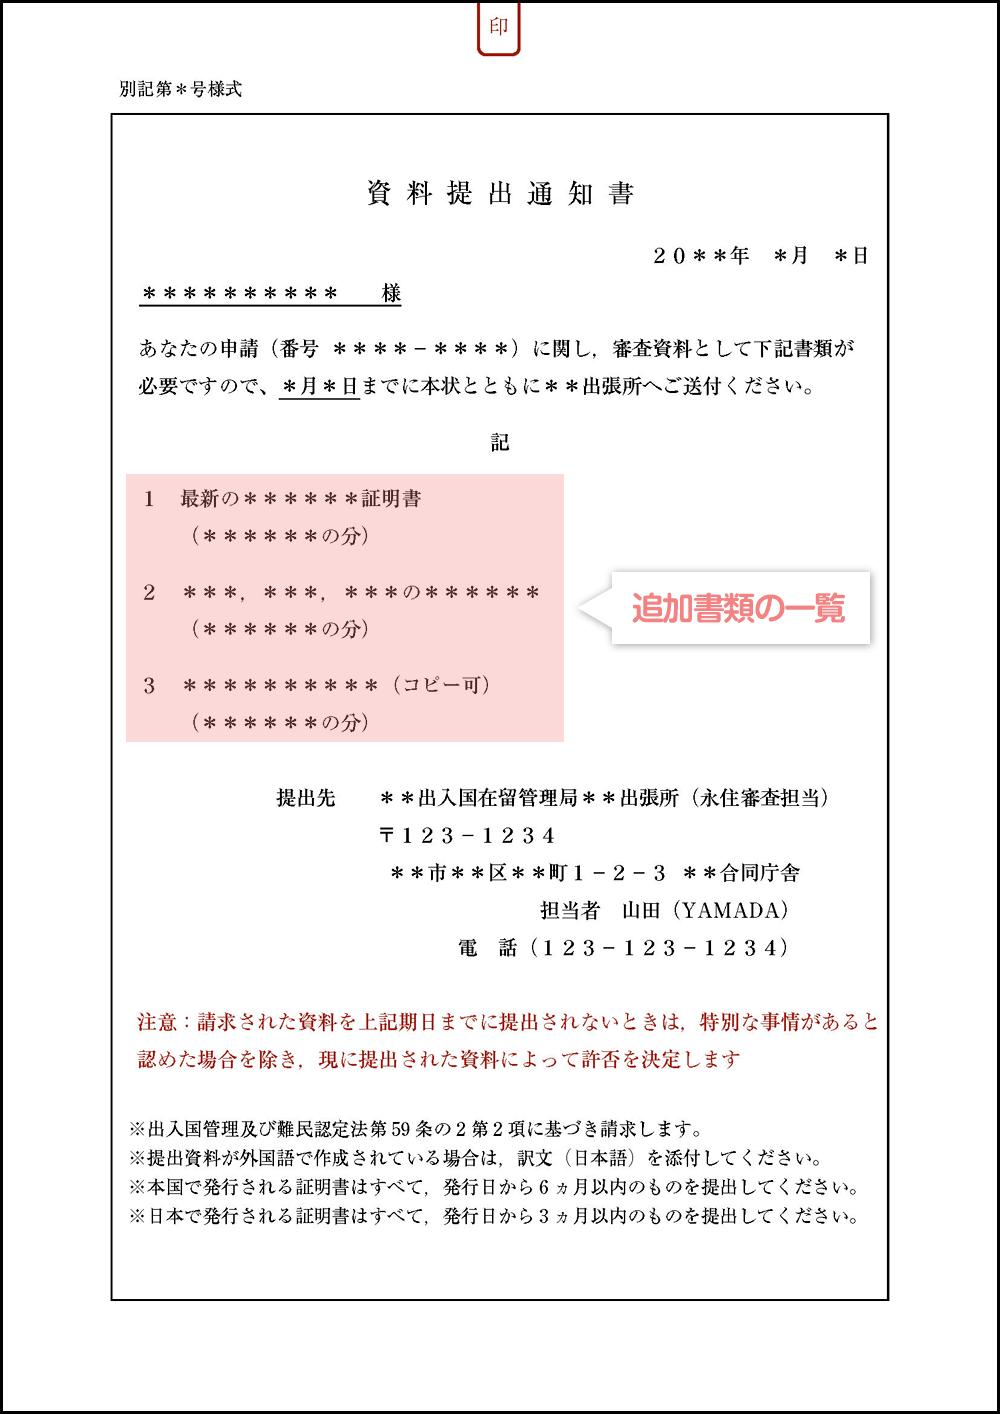 資料提出通知書(追加書類)の見本・サンプル